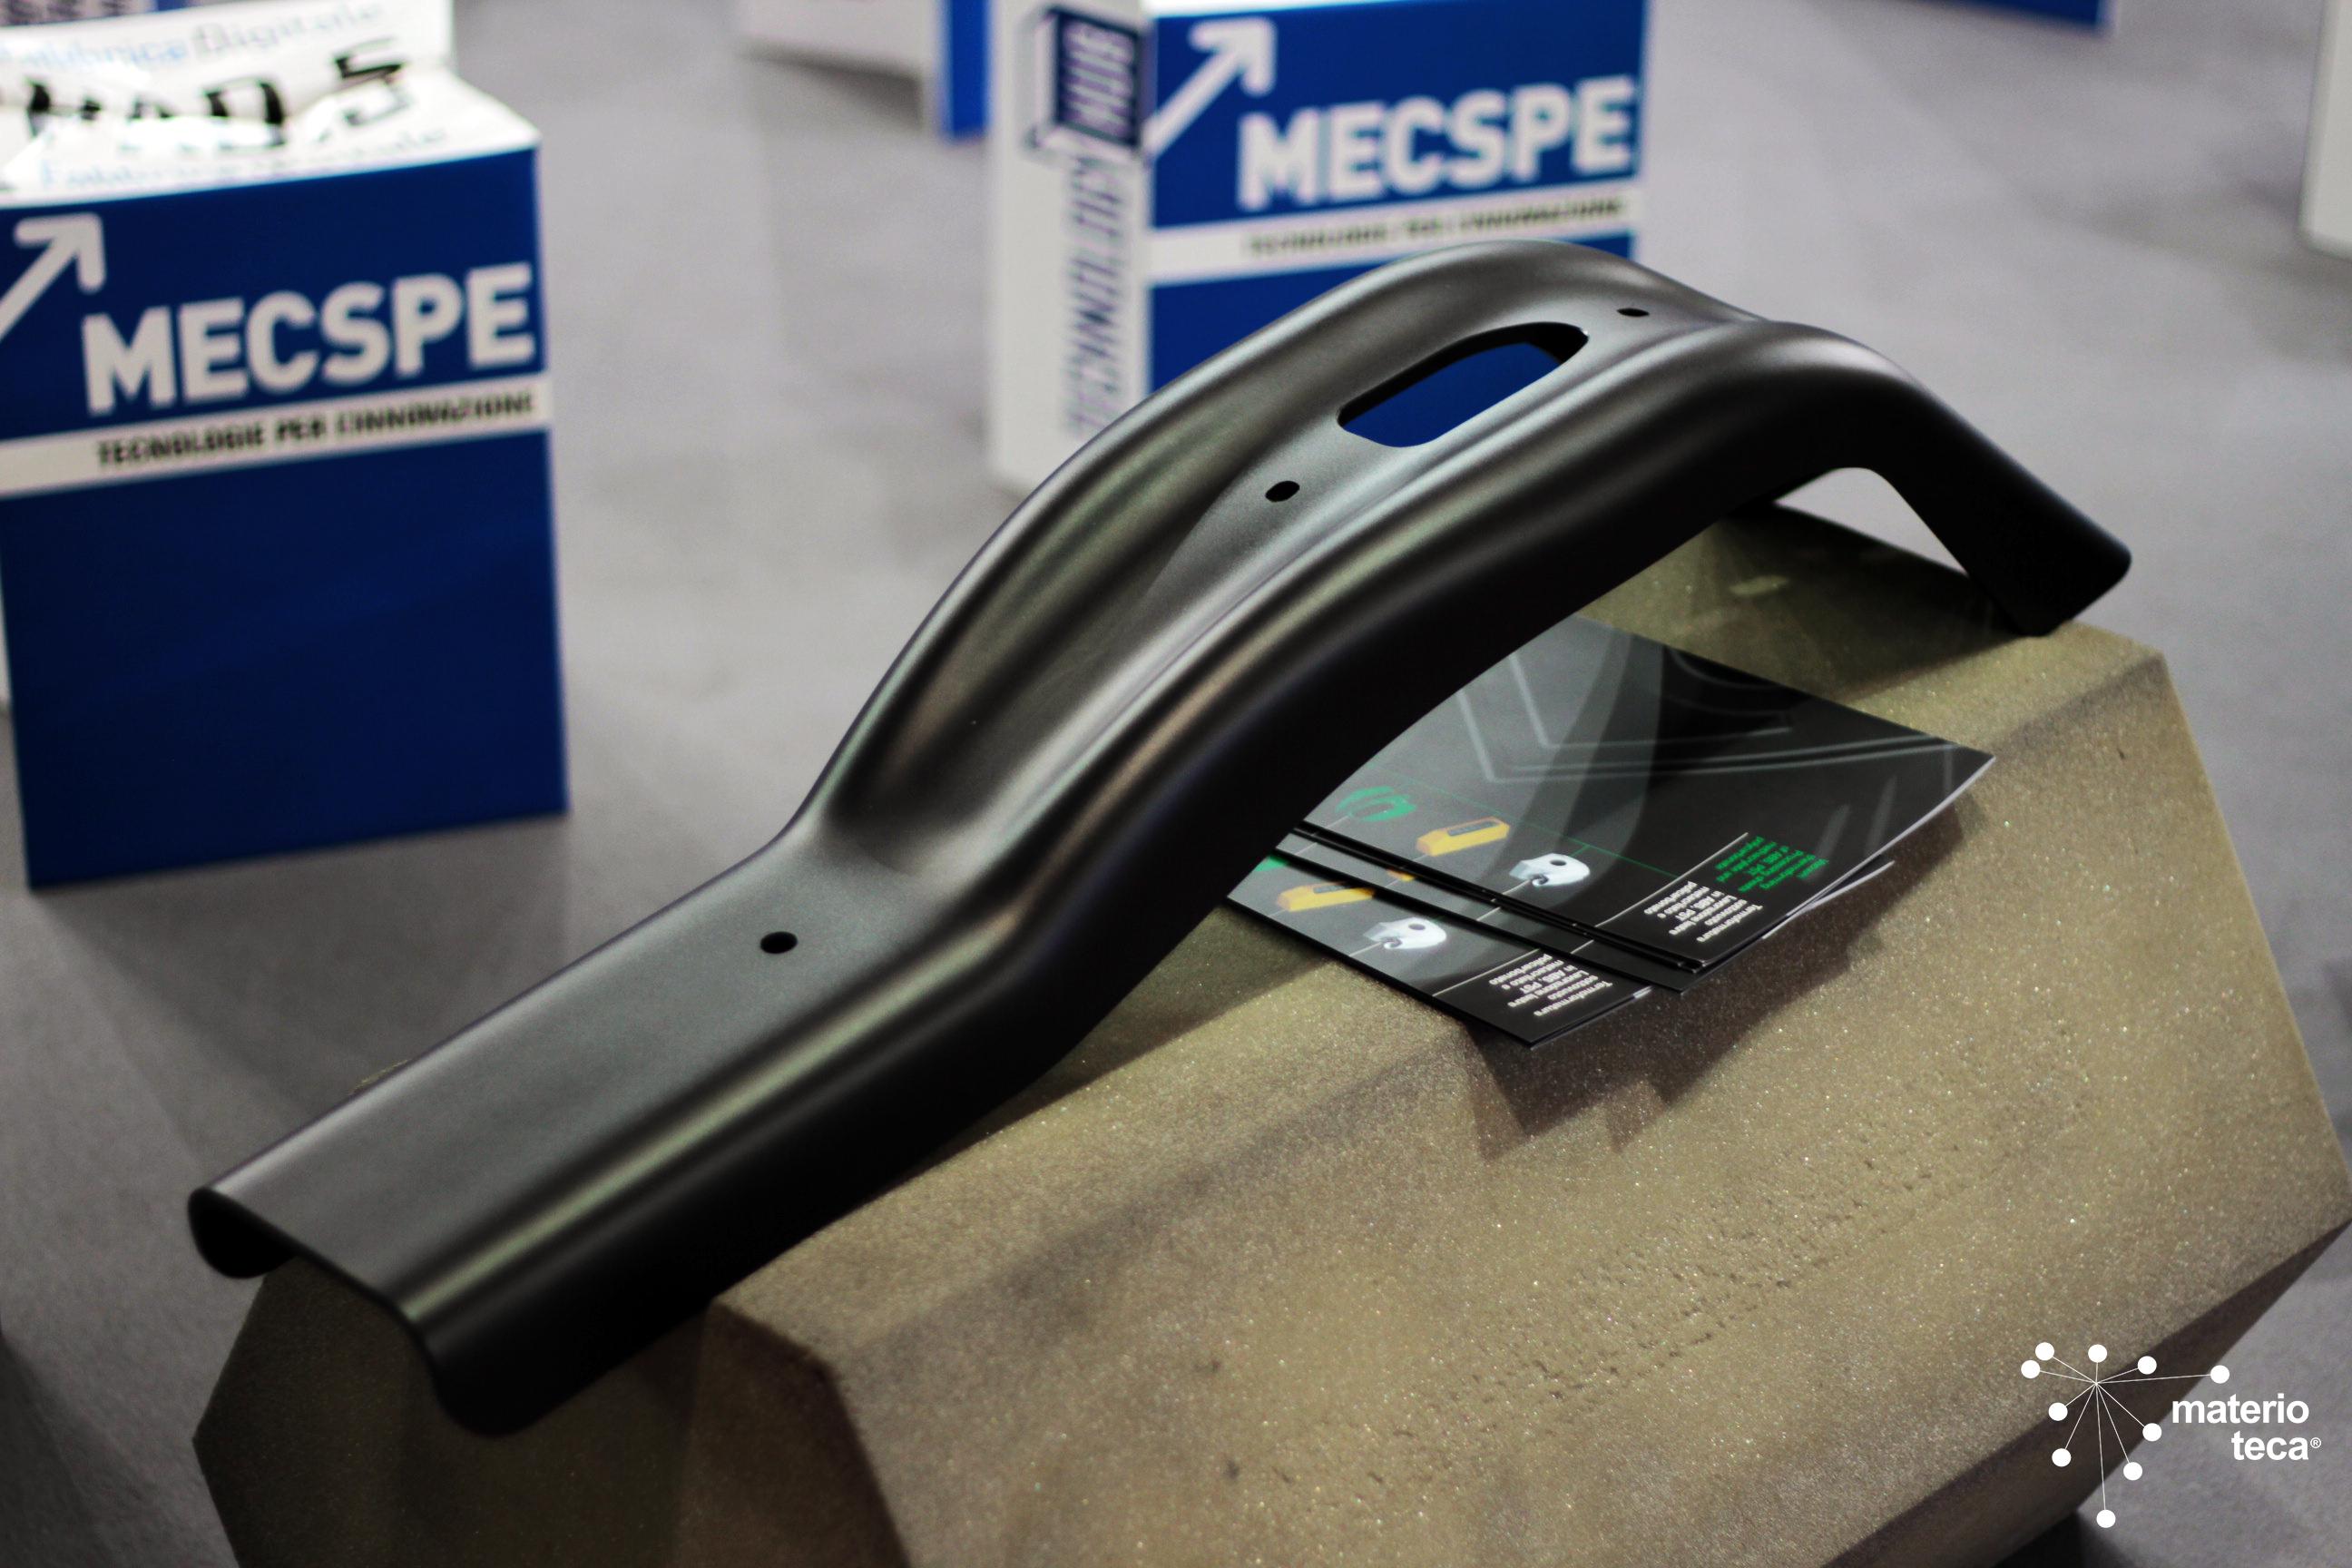 Materioteca a MecSpe 2016